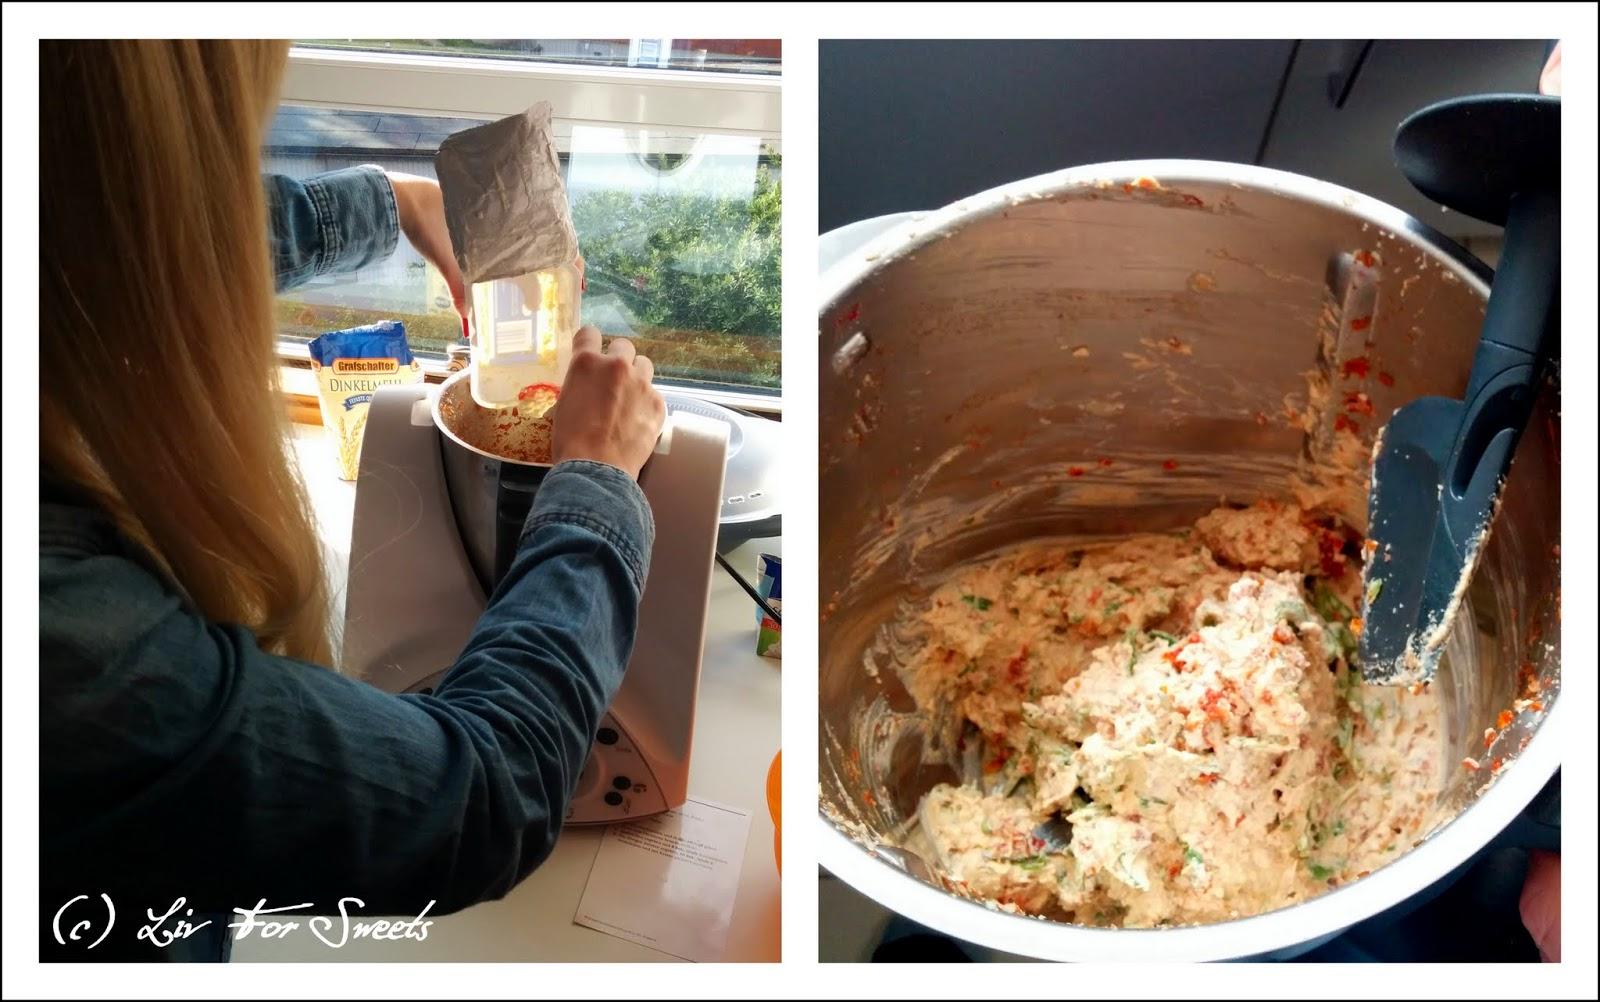 Mit Frischkäse und getrockneten Tomaten wird im Thermomix TM31 ein Dip oder Aufstrich gemacht